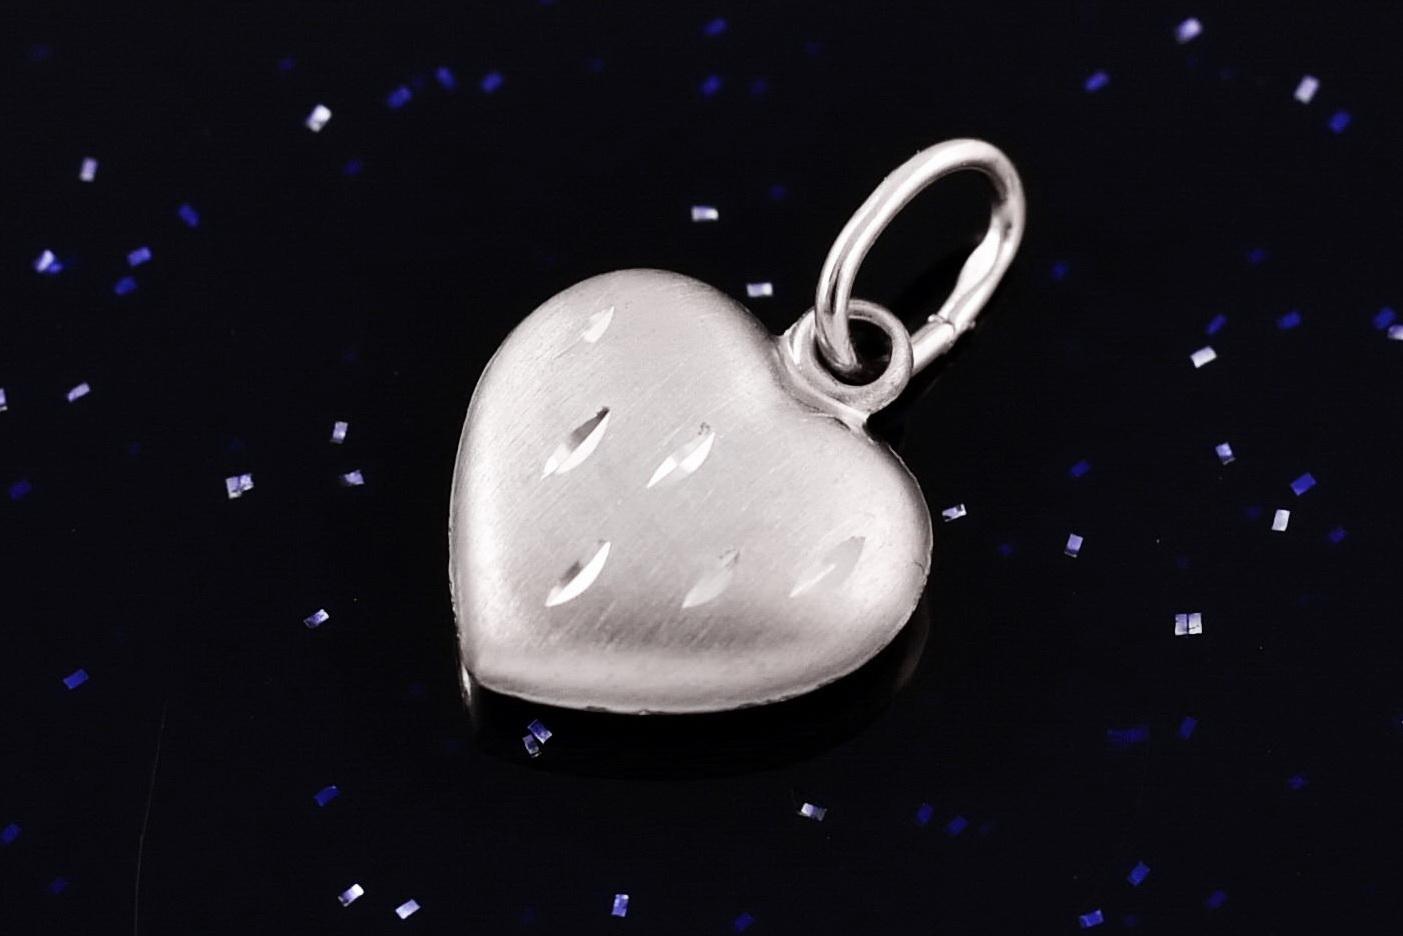 445ec4599 Zlatý přívěsek srdce bílé P044,14kt,0,35g | Zlatý řetízek - velký ...